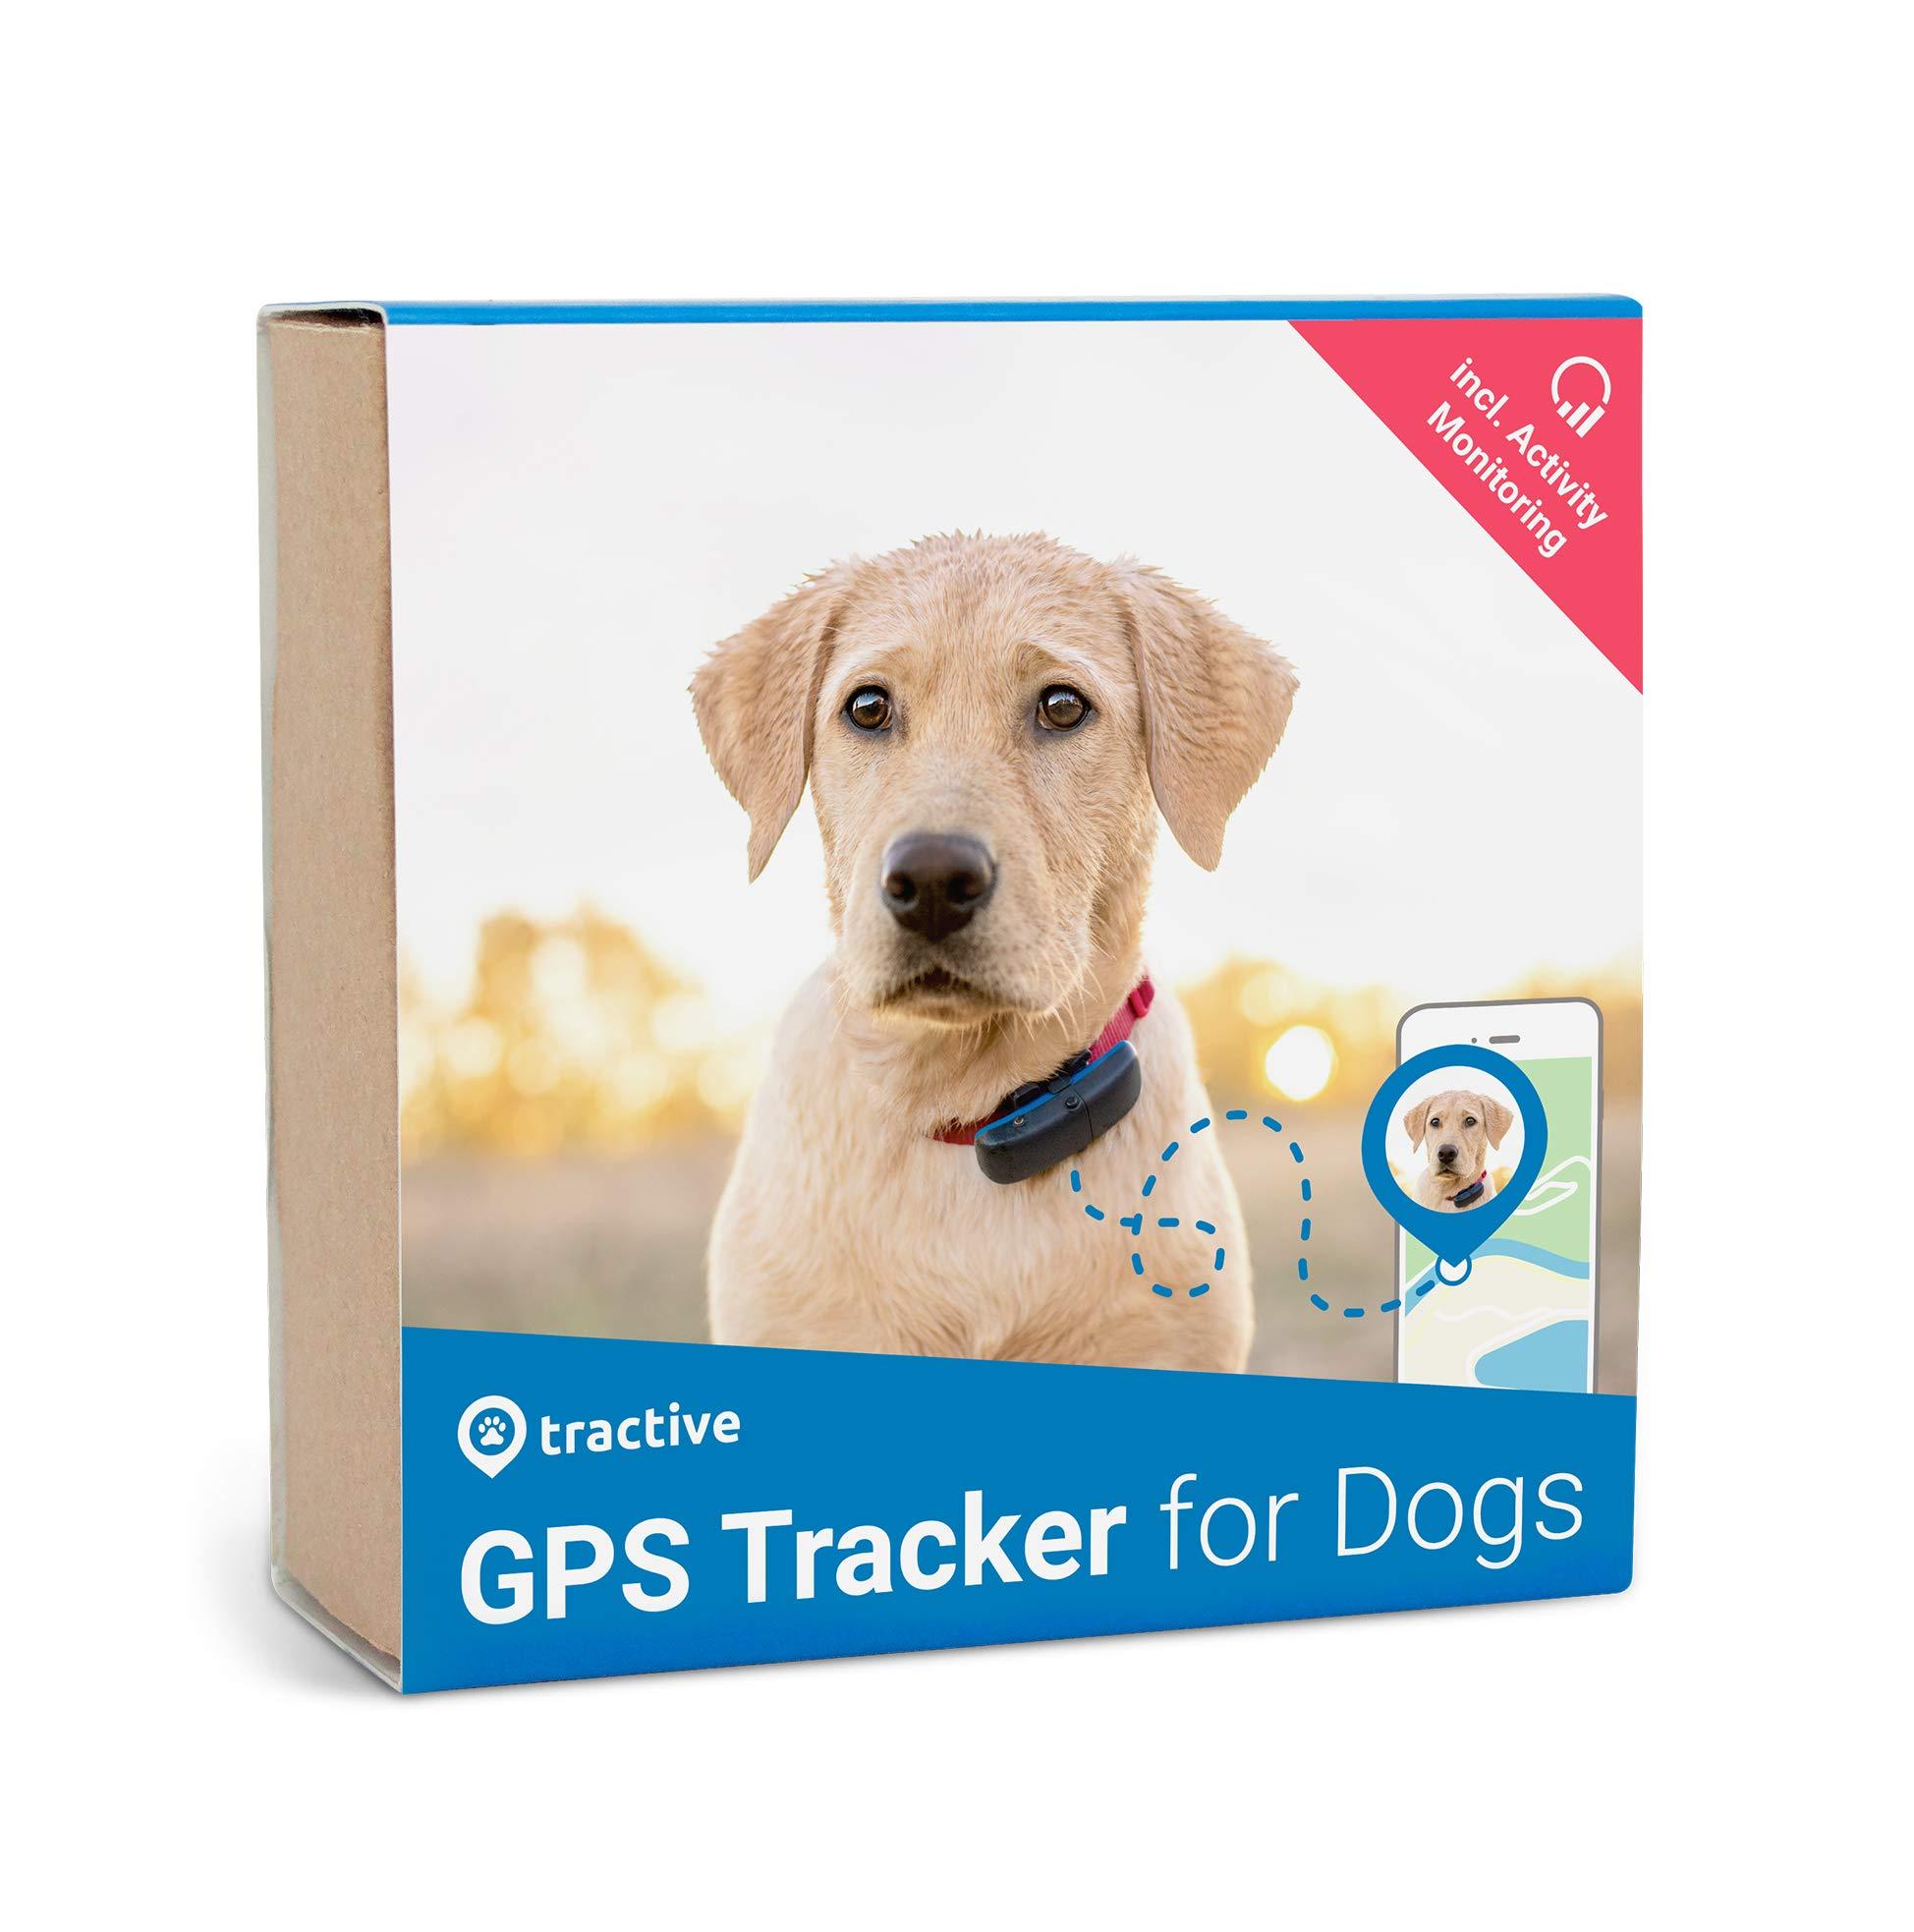 Tractive Localizador GPS para Perros y Gatos con Seguimiento de Actividad - Dispositivo Ligero y Resistente al Agua product image